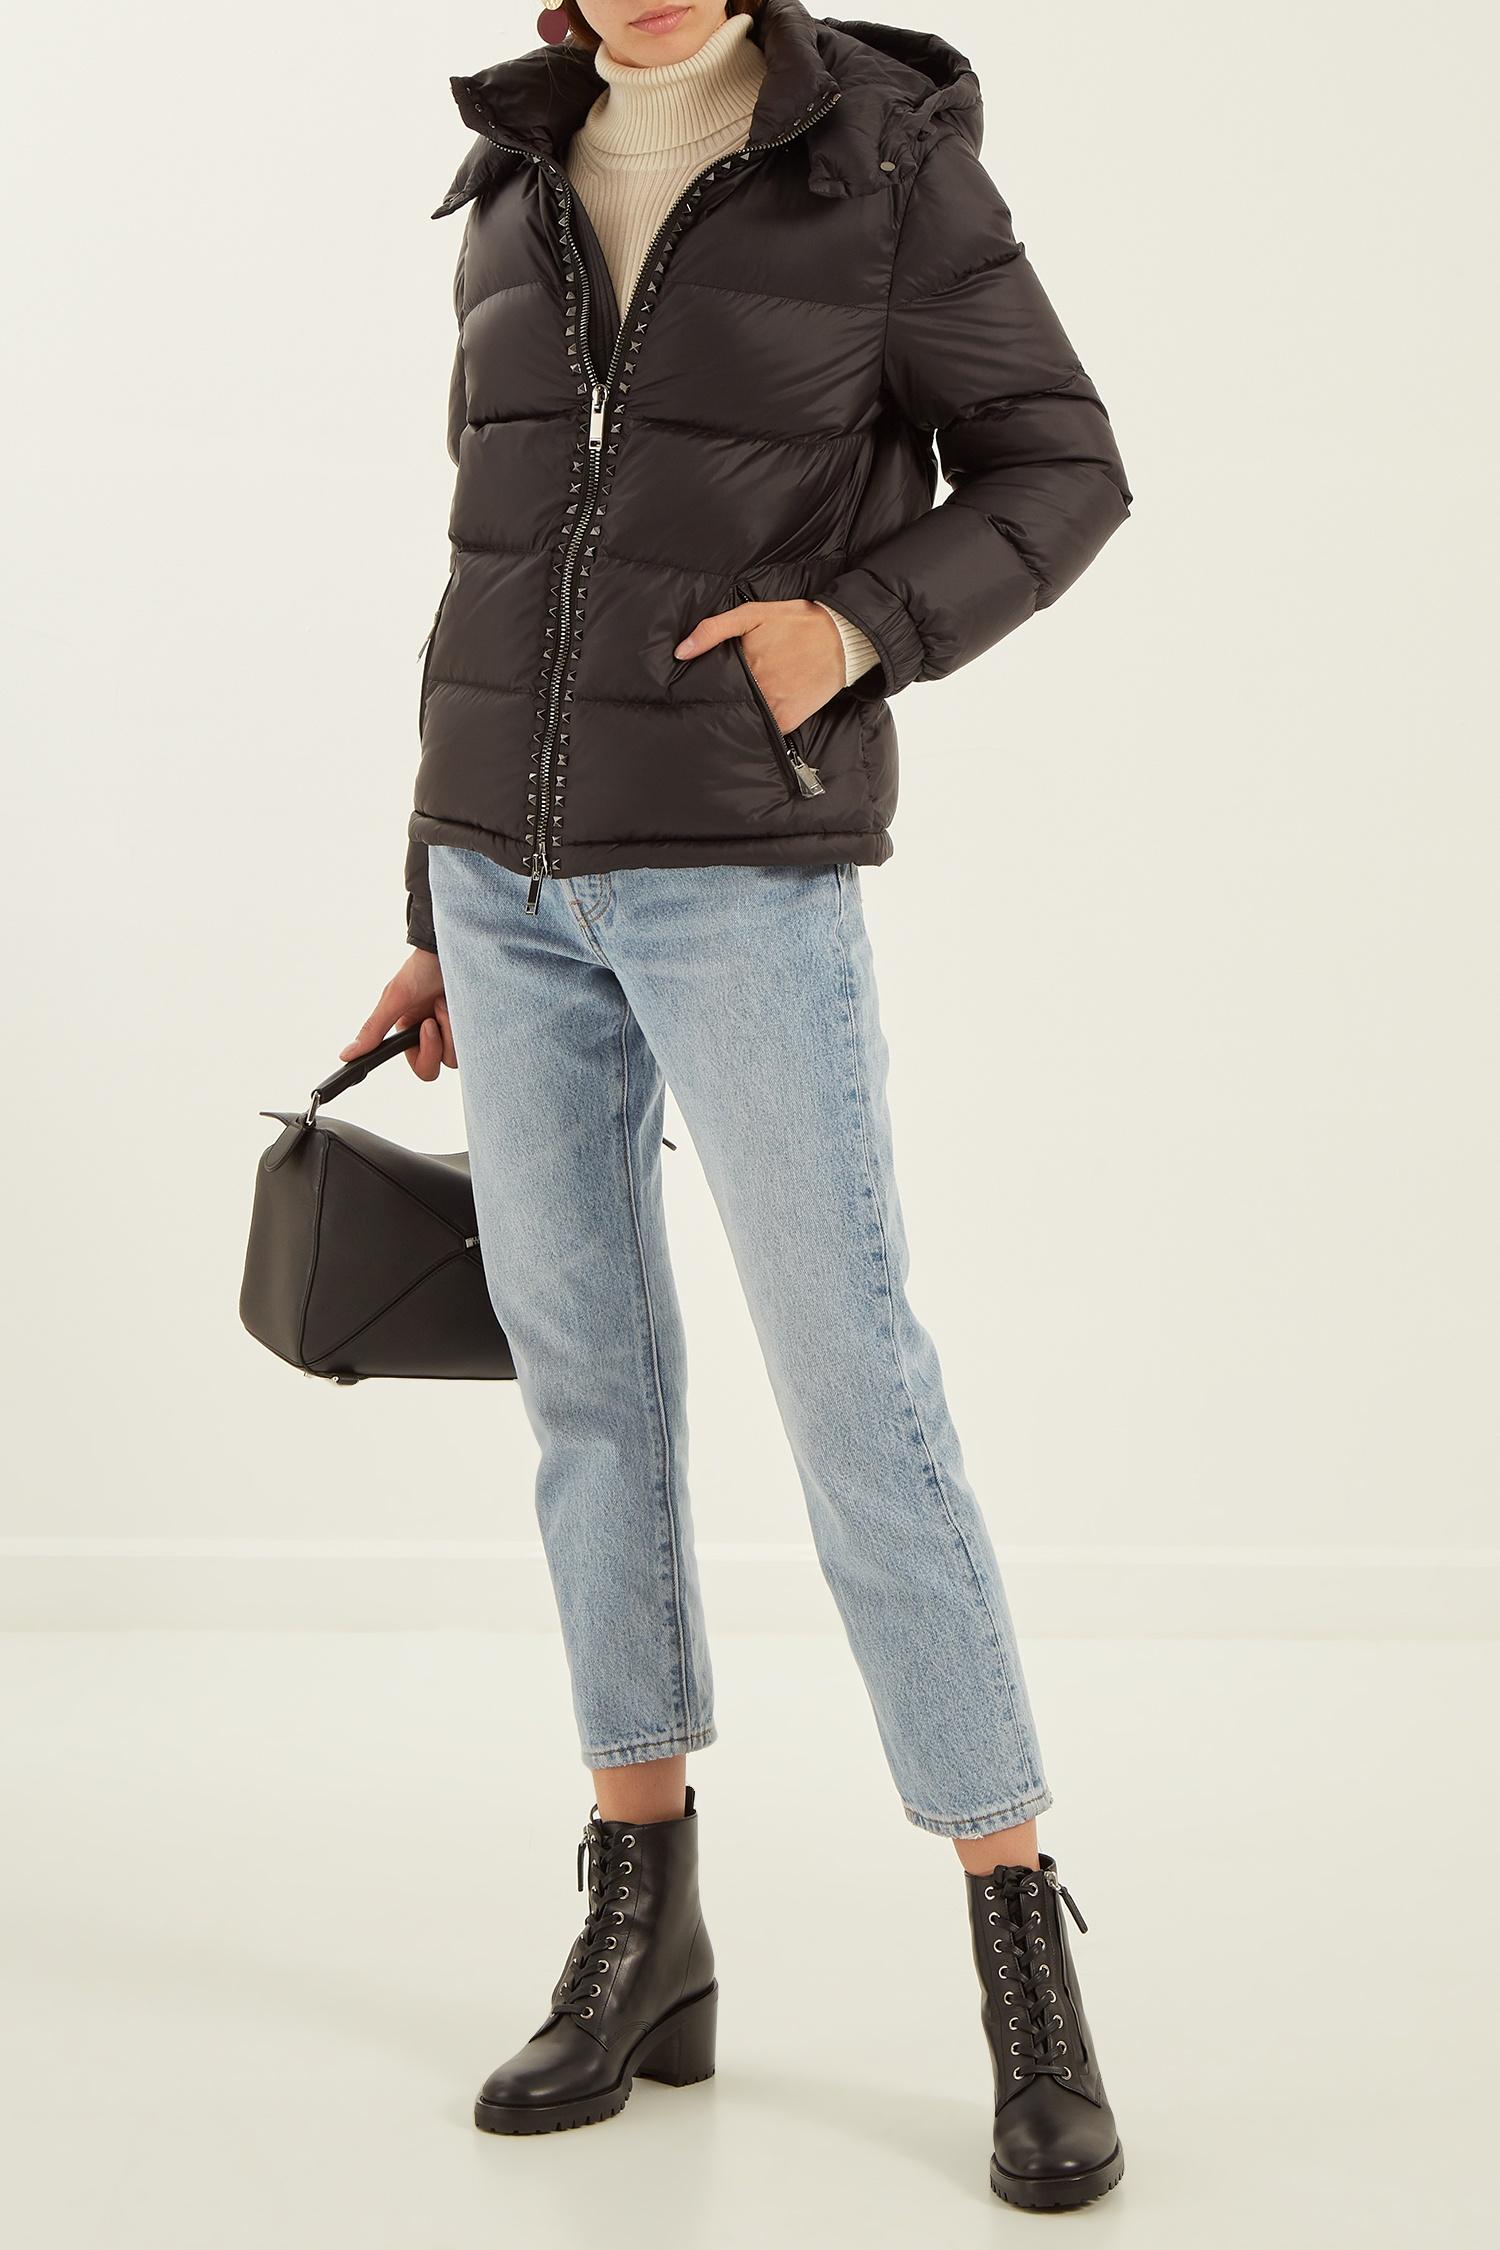 Выбираем верхнюю одежду на осень с учетом особенностей фигуры (86040-aizel-03.jpg)